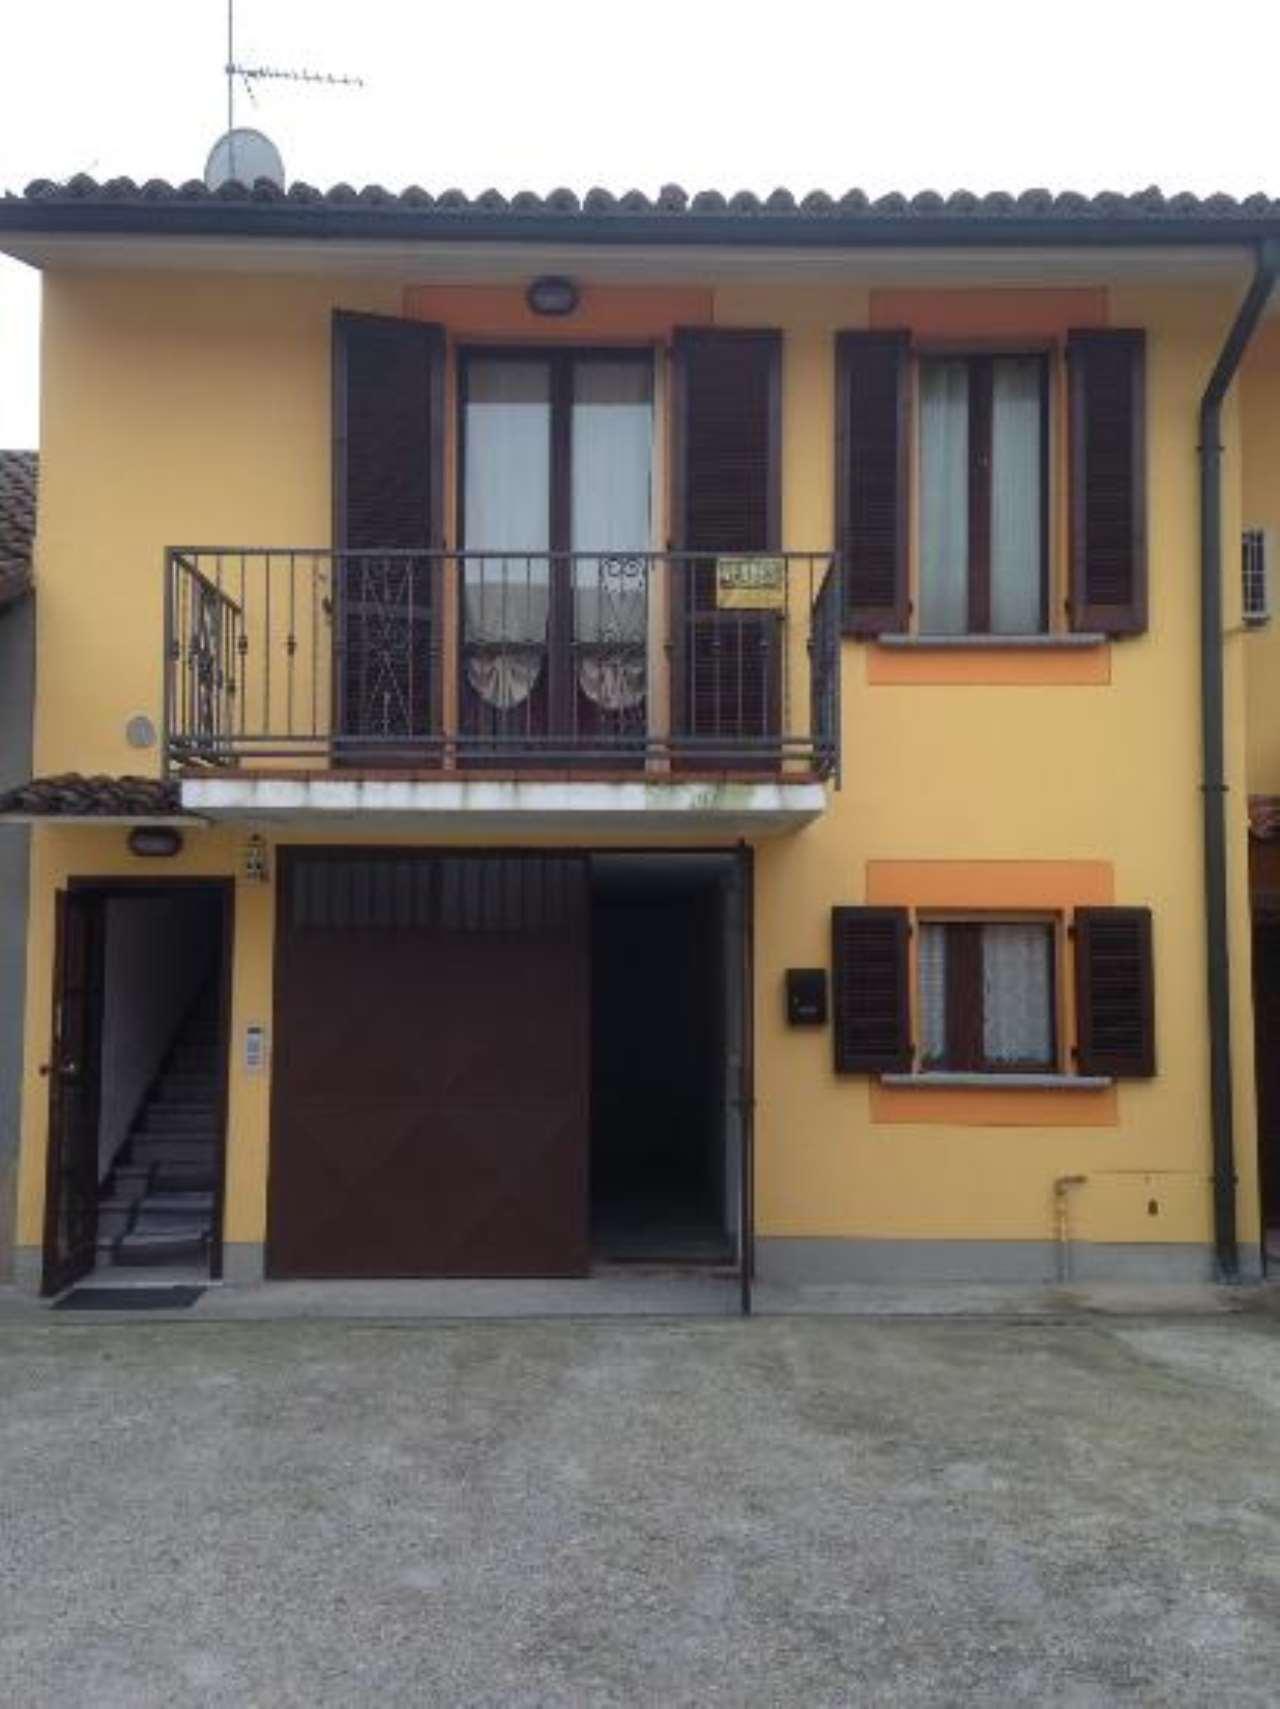 Rustico / Casale in vendita a Castelverde, 3 locali, prezzo € 79.000   Cambio Casa.it